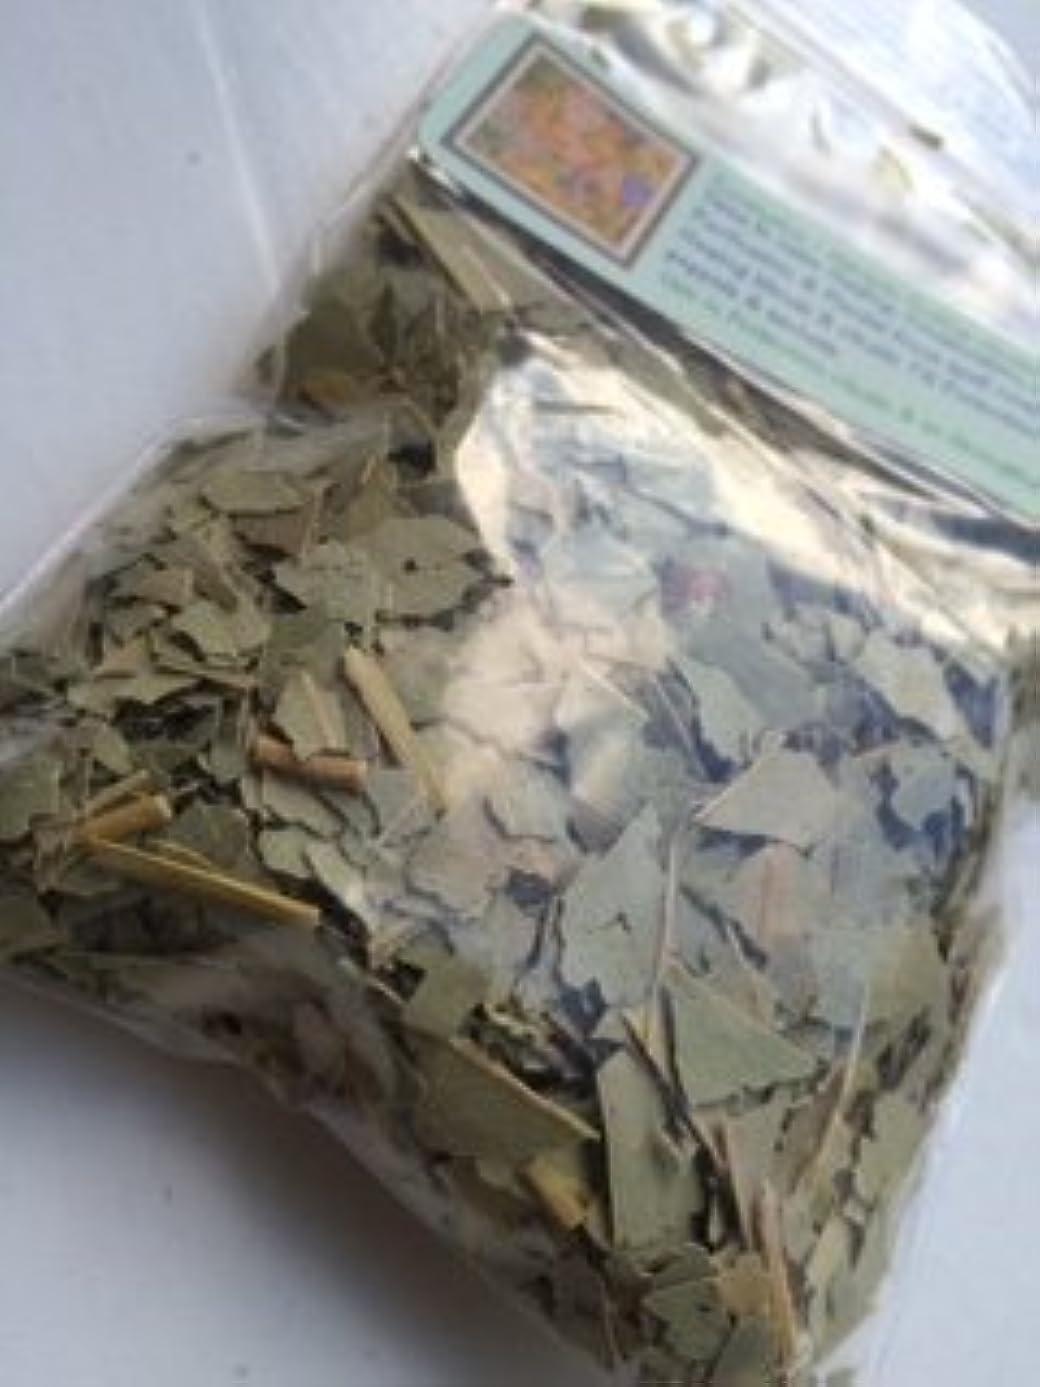 グリーンバック深くDried Herb ~ 1 oz ~ユーカリカットリーフ~ Ravenz Roost Dried Herbs with special Info Onラベル